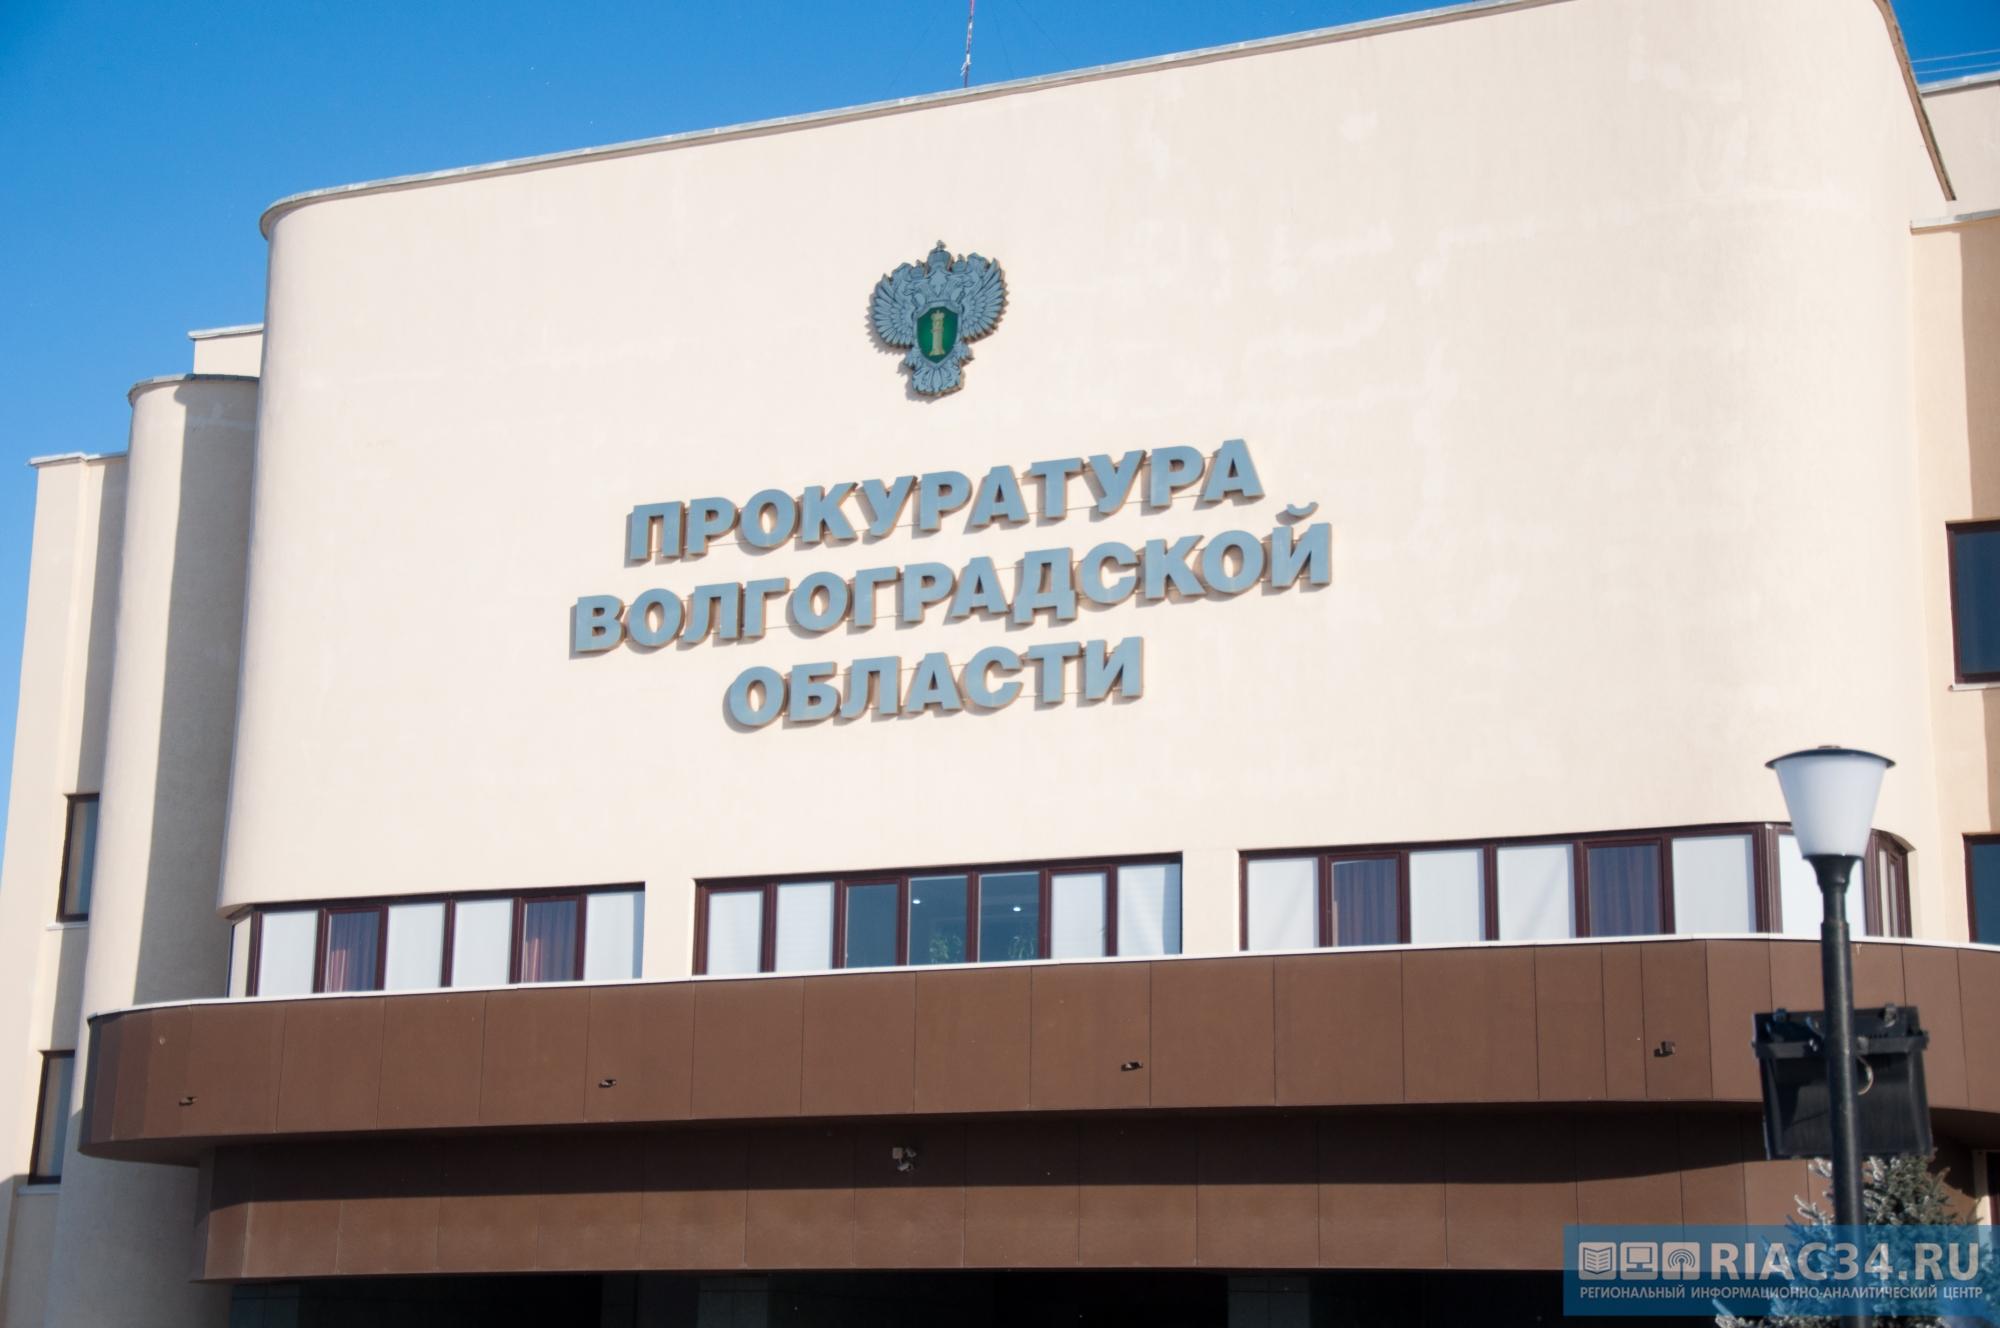 Засмерть сына под колесами автобуса волгоградке выплатят 157 тыс. руб.